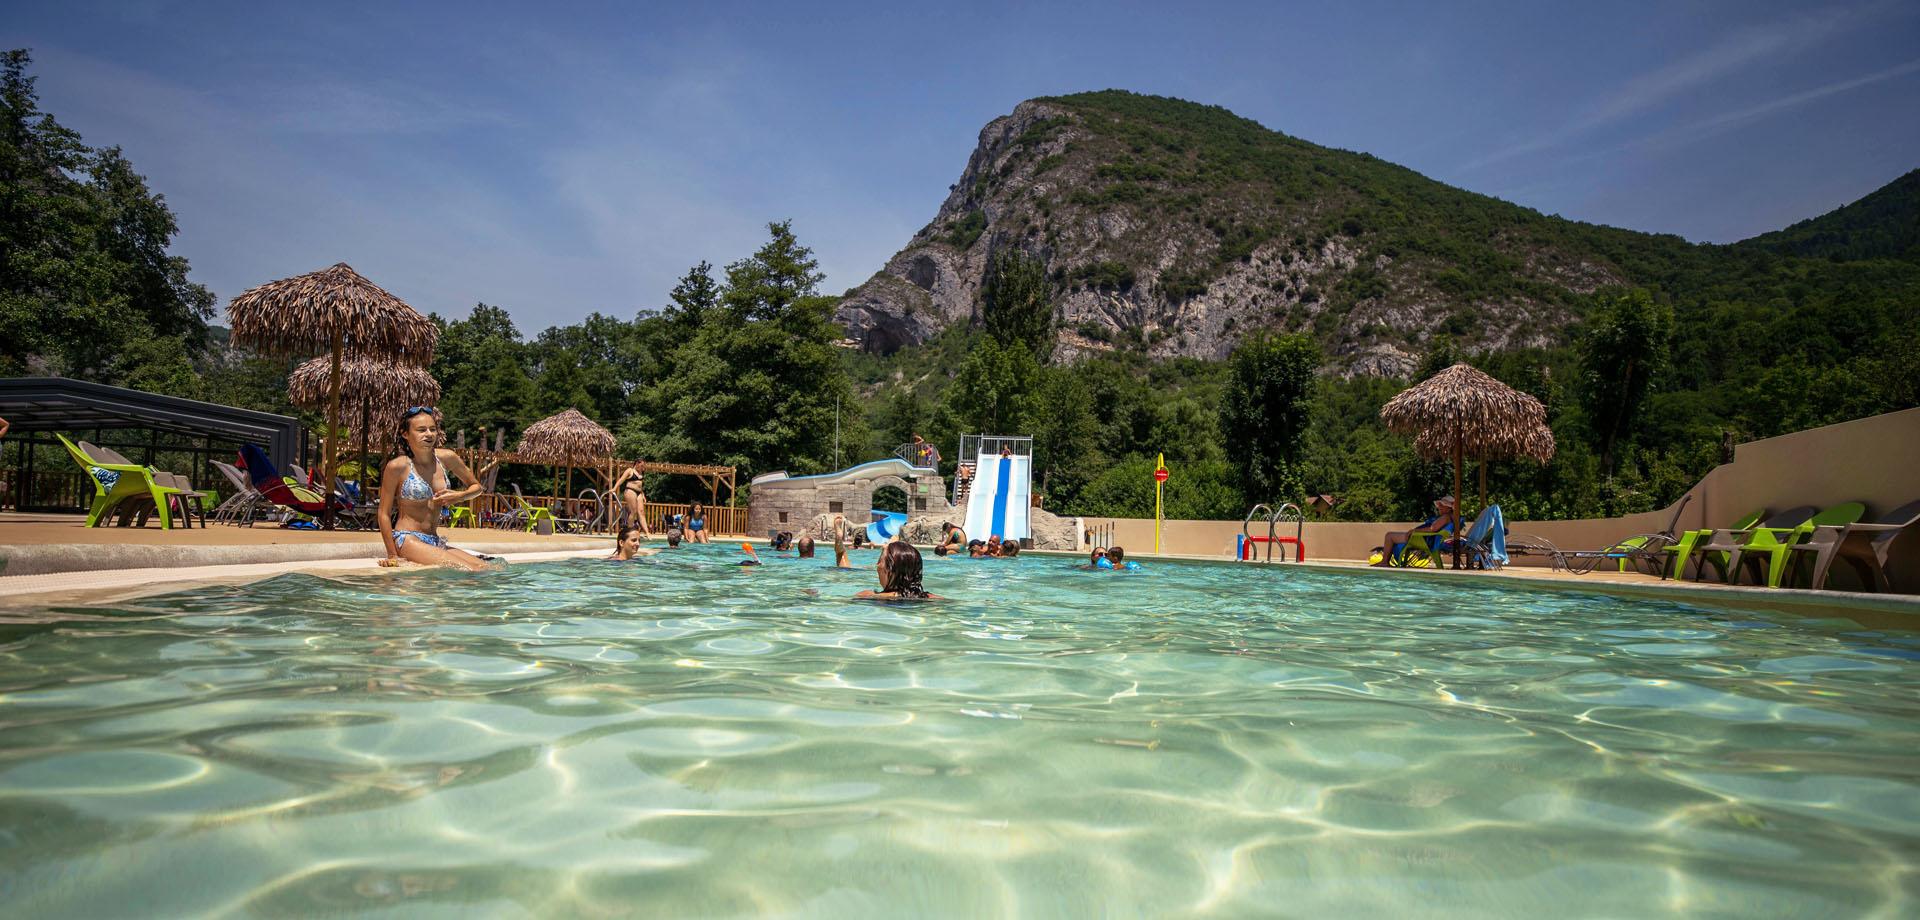 GC - camping des grottes niaux - reflexologie et massage